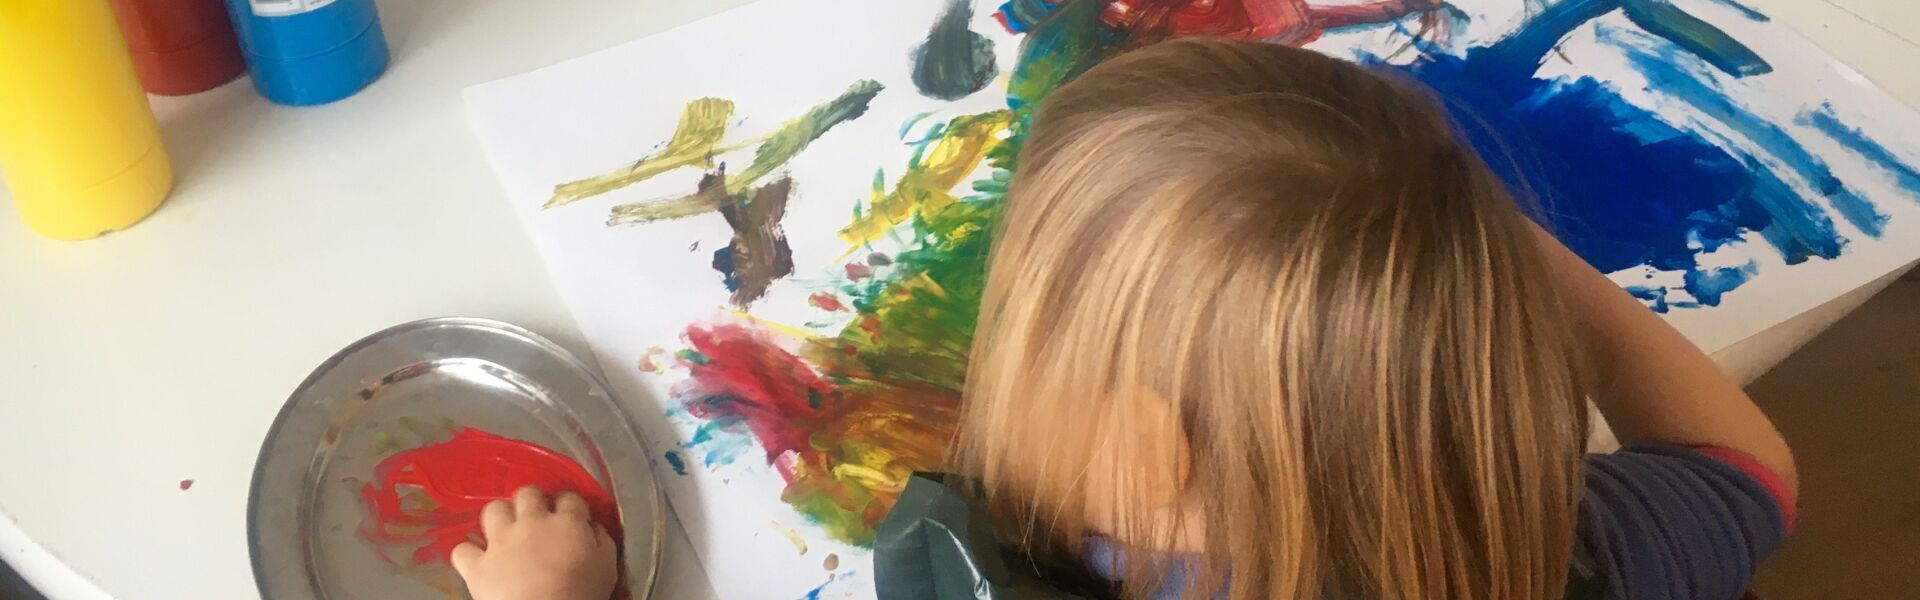 paintin_child